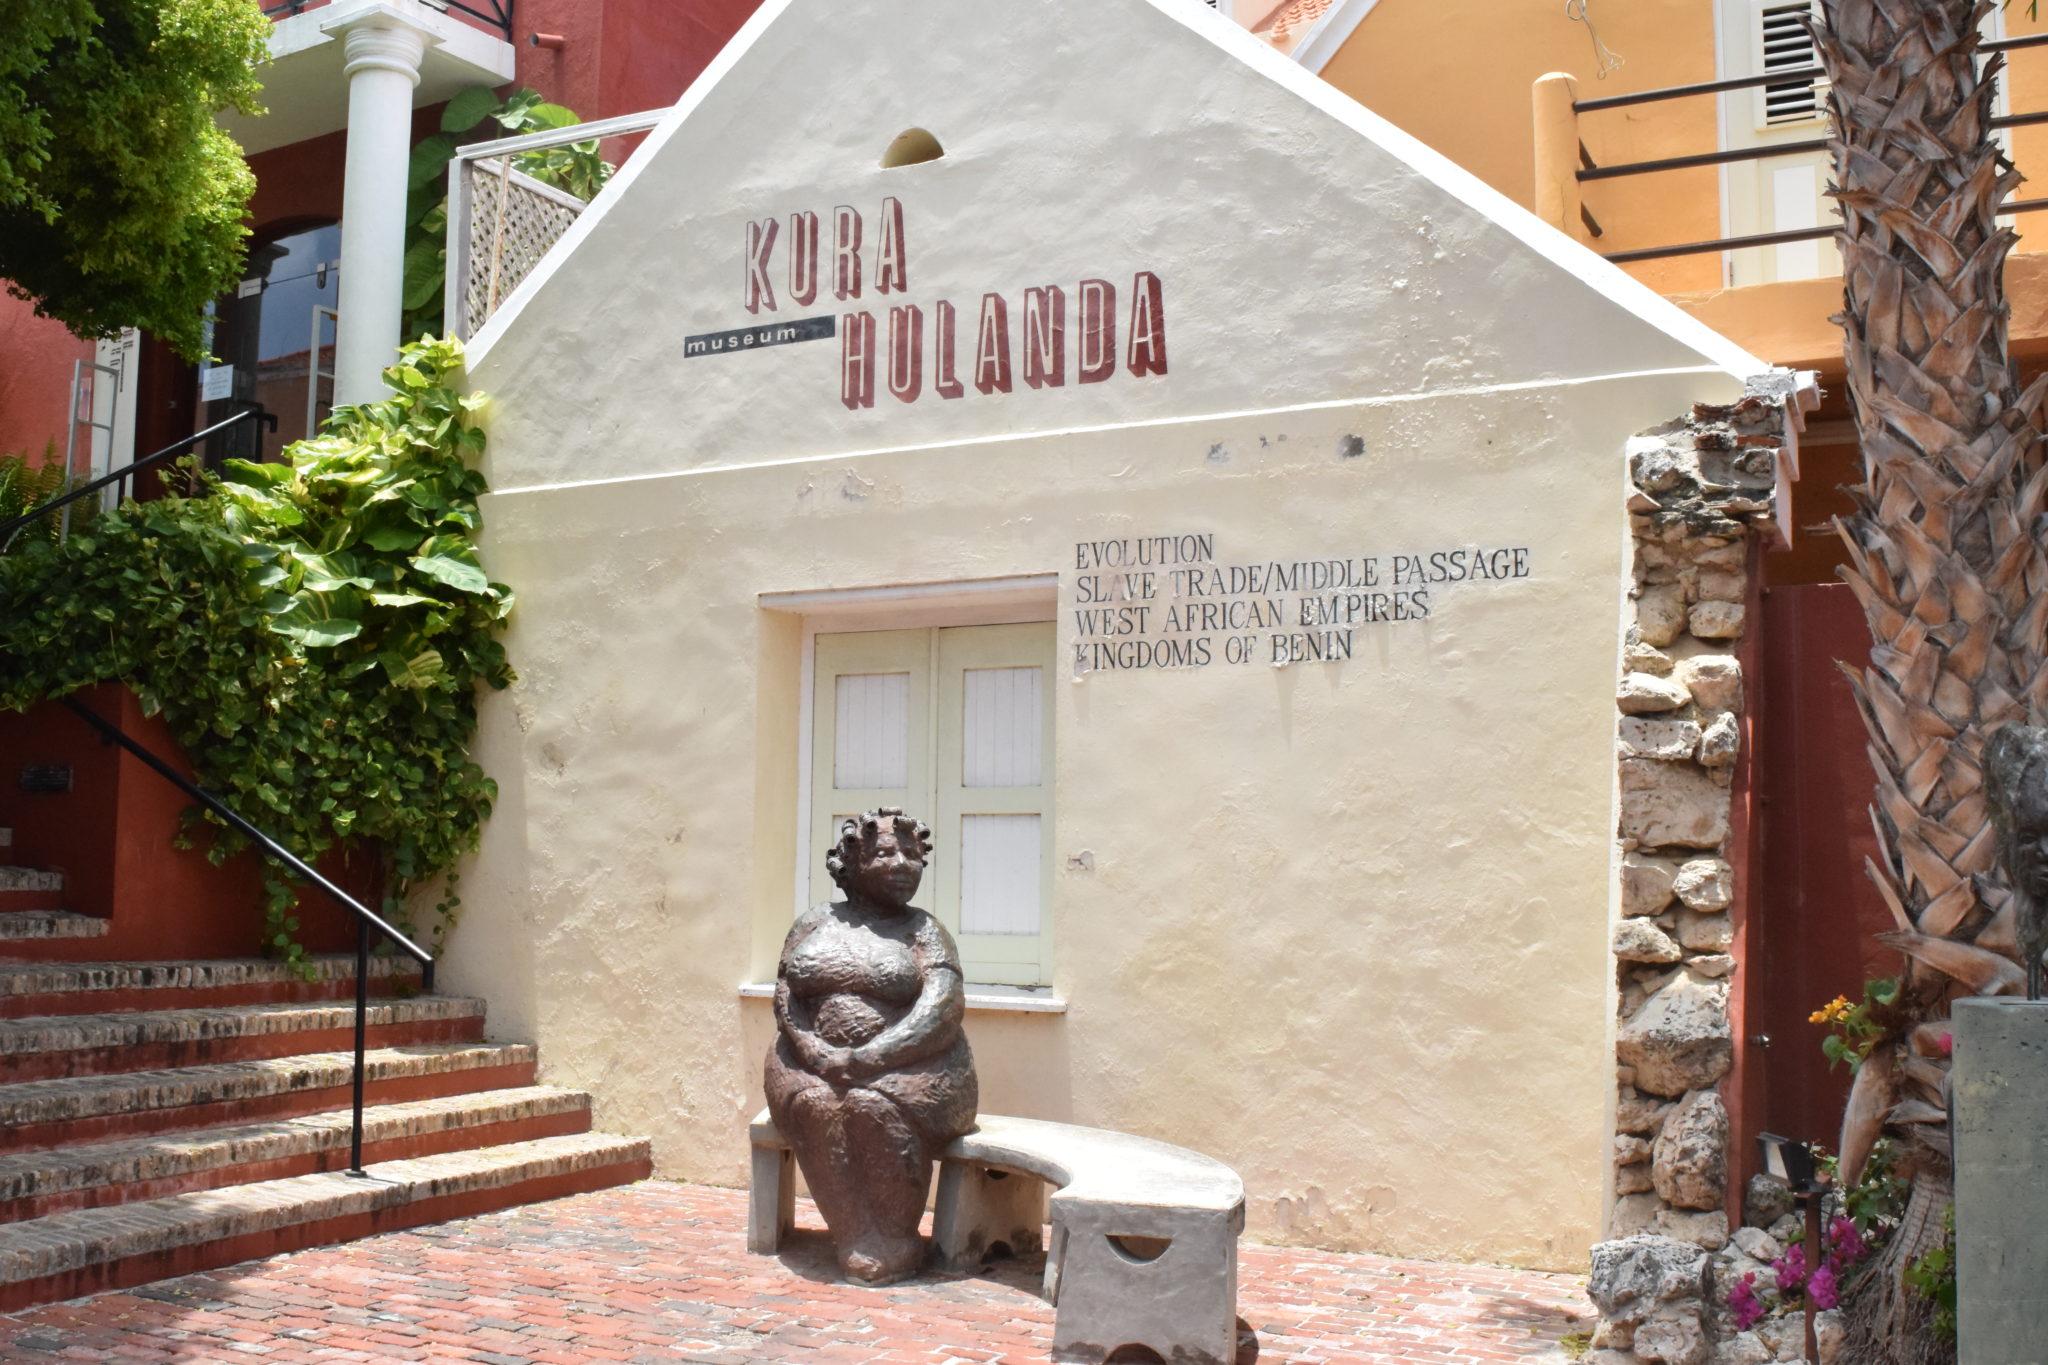 Kura Hulanda museum curacao